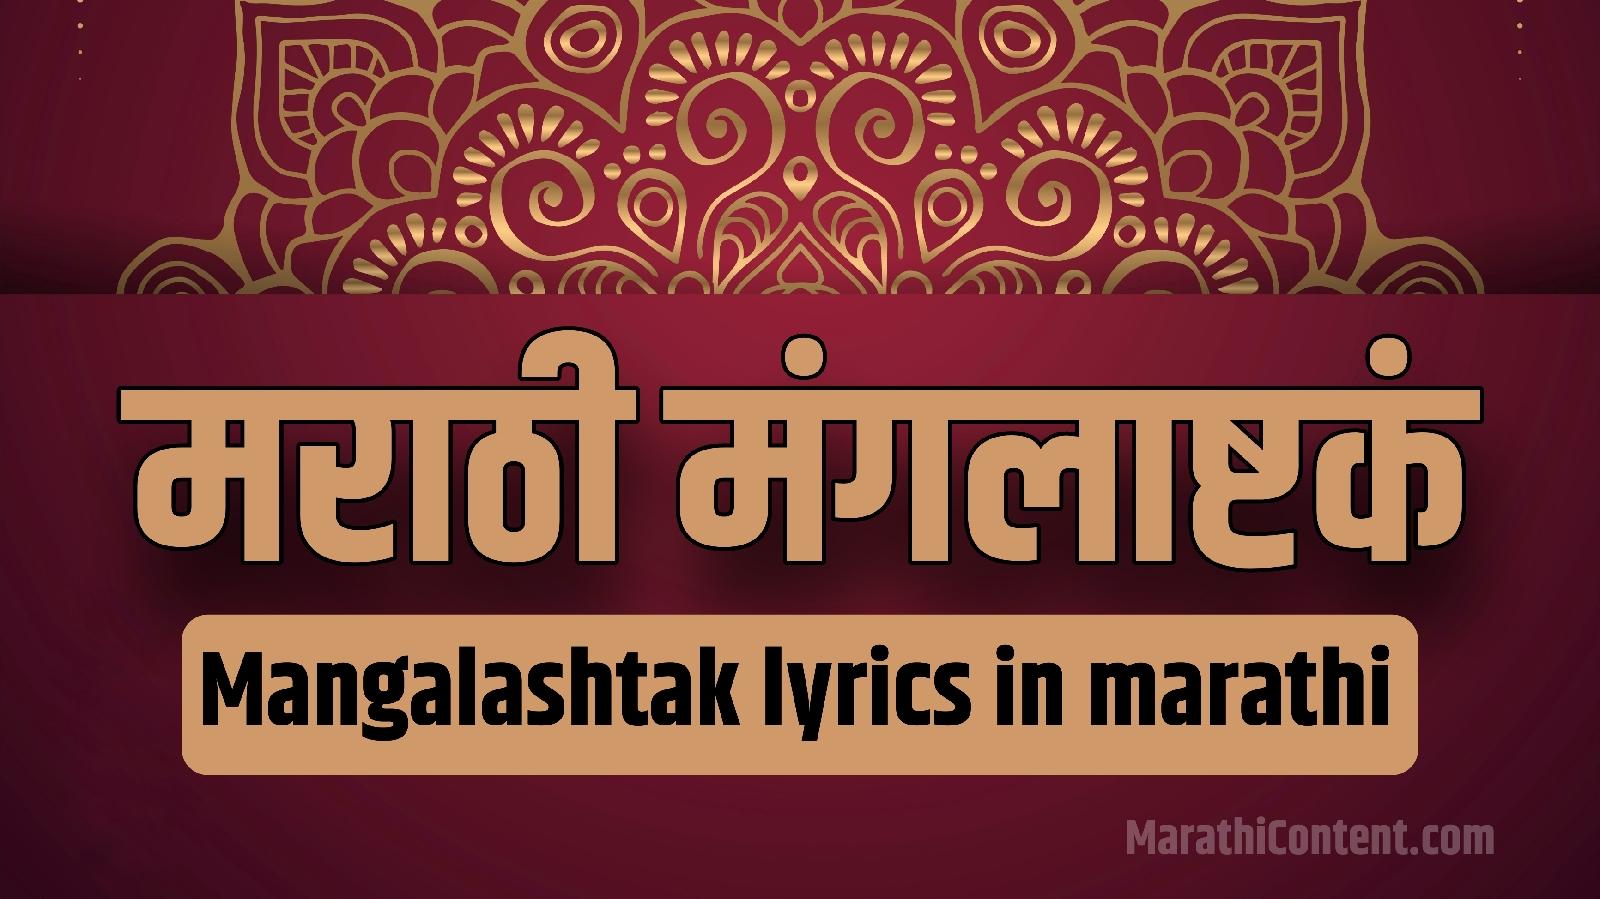 mangalashtak lyrics in marathi